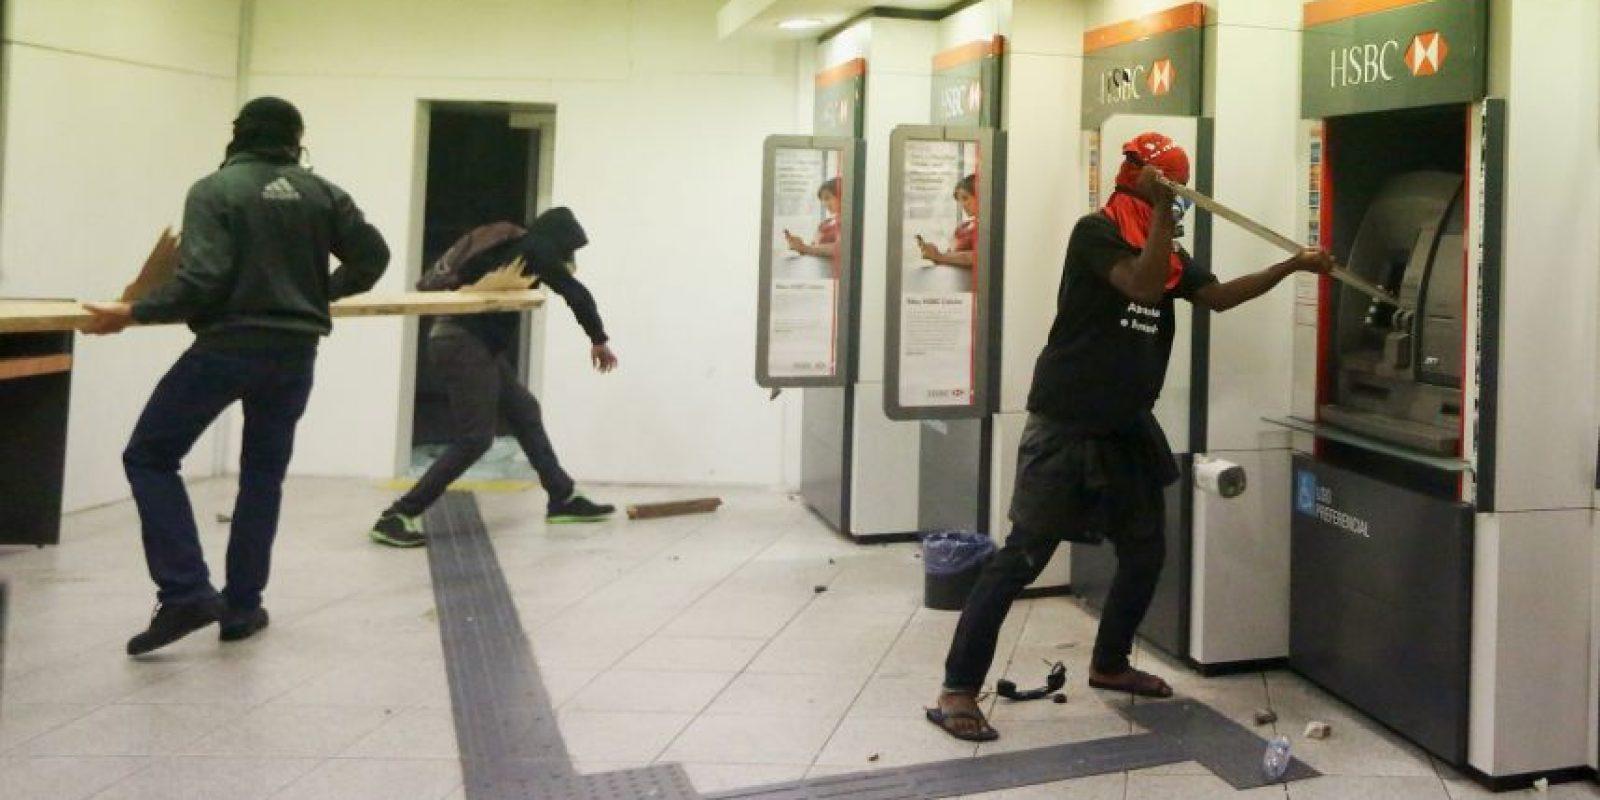 Sin embargo, los delitos cometidos por jóvenes de entre 14 y 15 años han aumentado. Foto:Getty Images